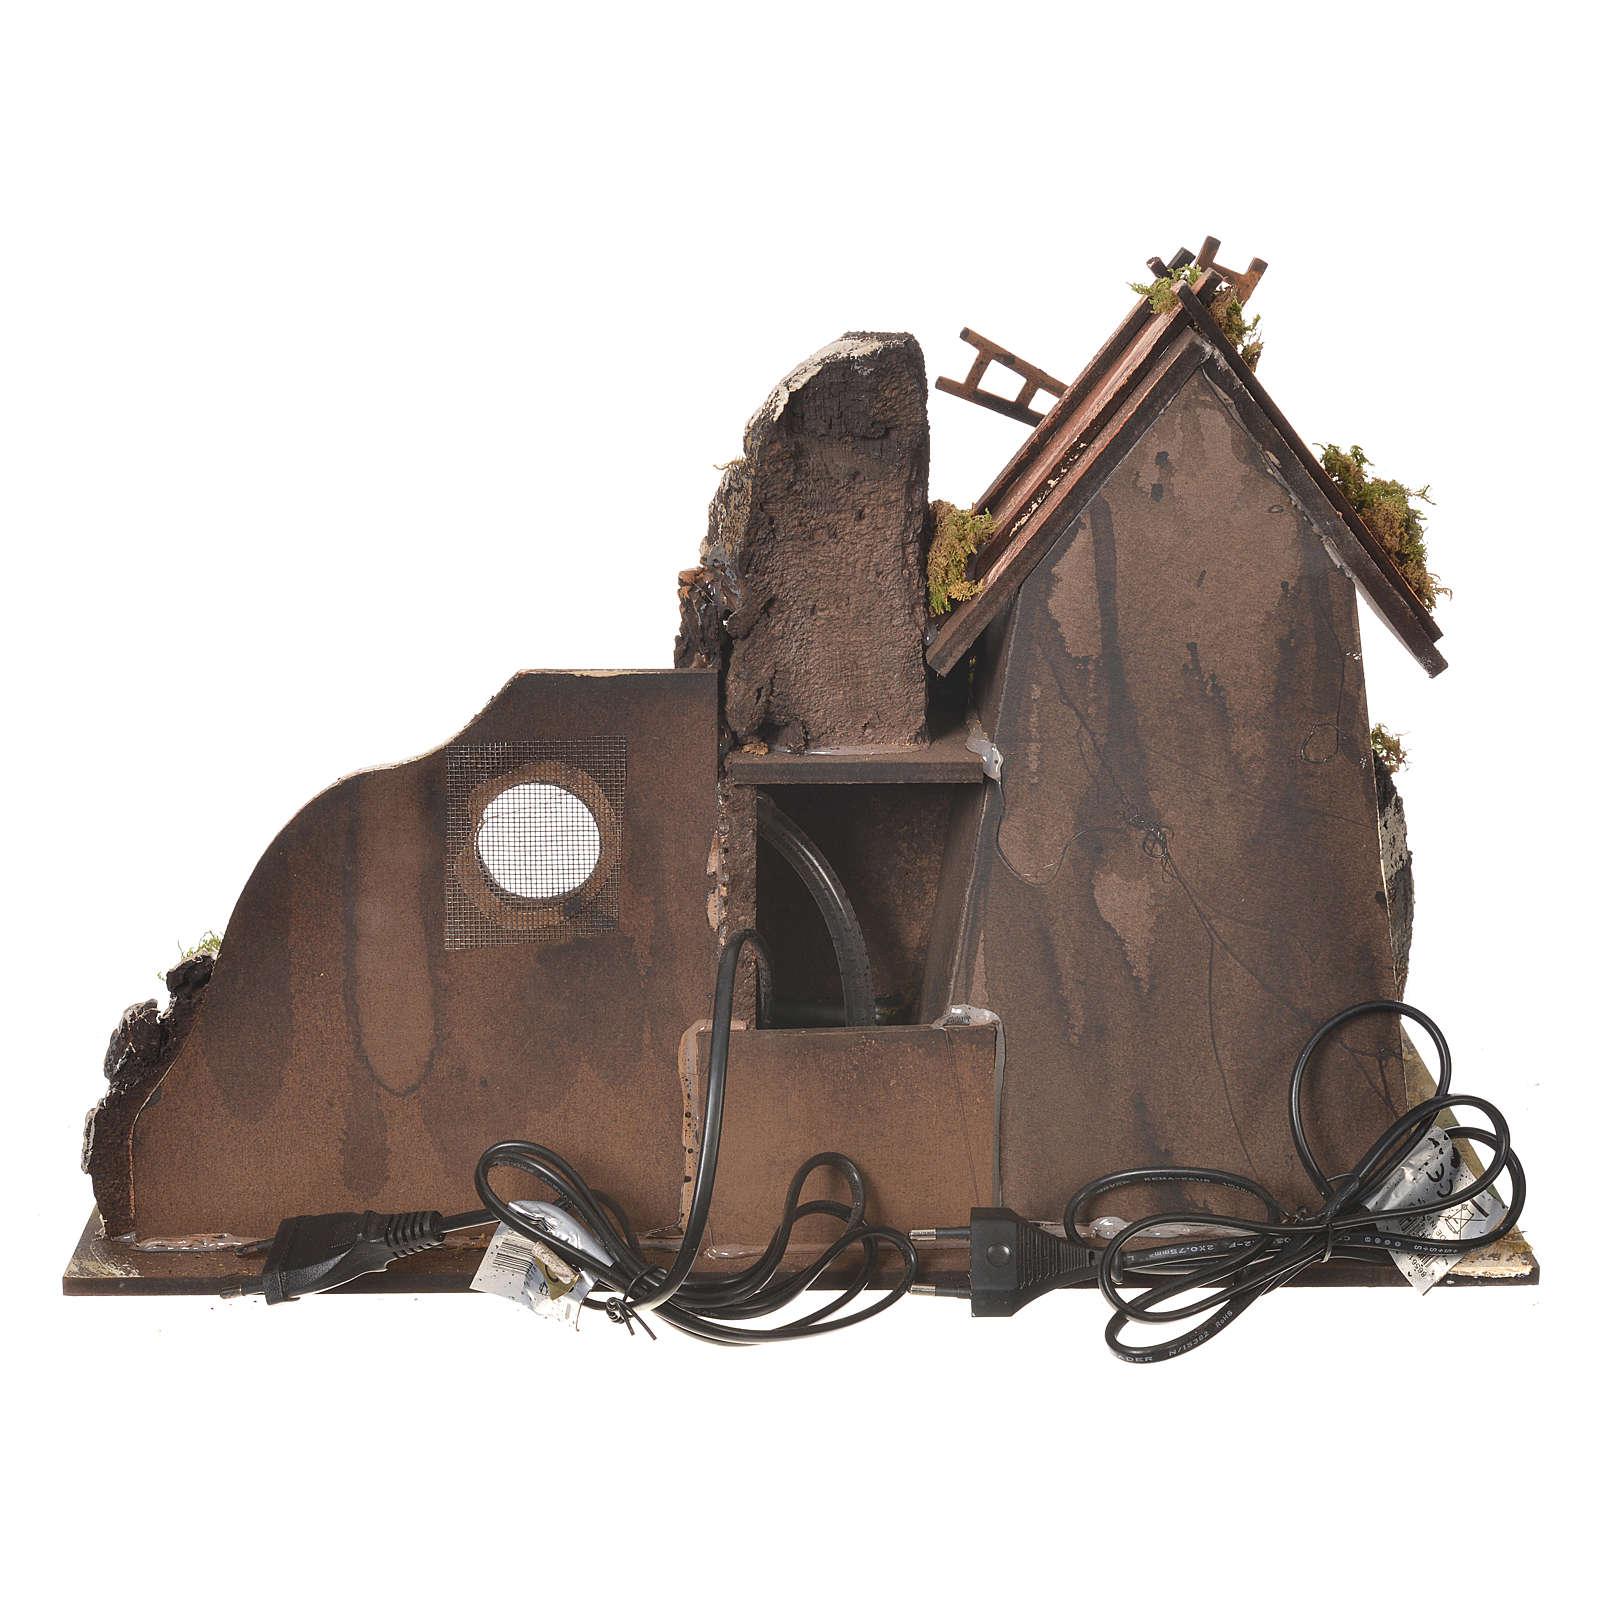 Moulin à vent crèche avec abreuvoir 31x30x45 cm 4